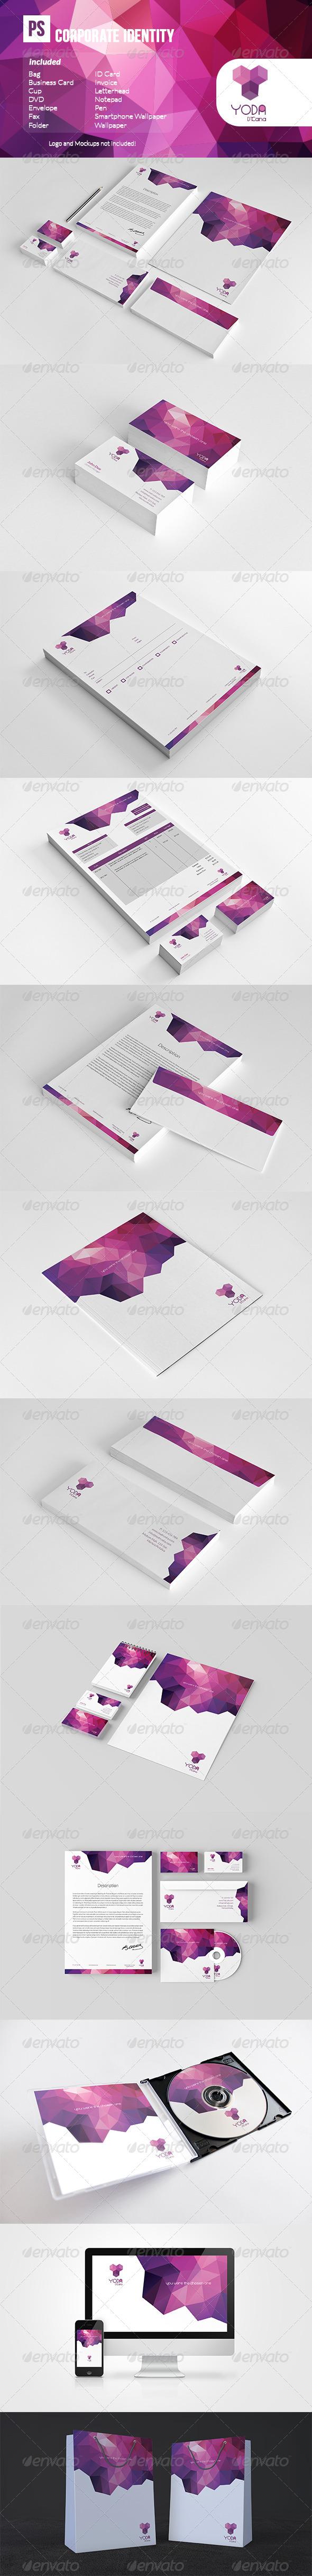 GraphicRiver Corporate Identity 7598080